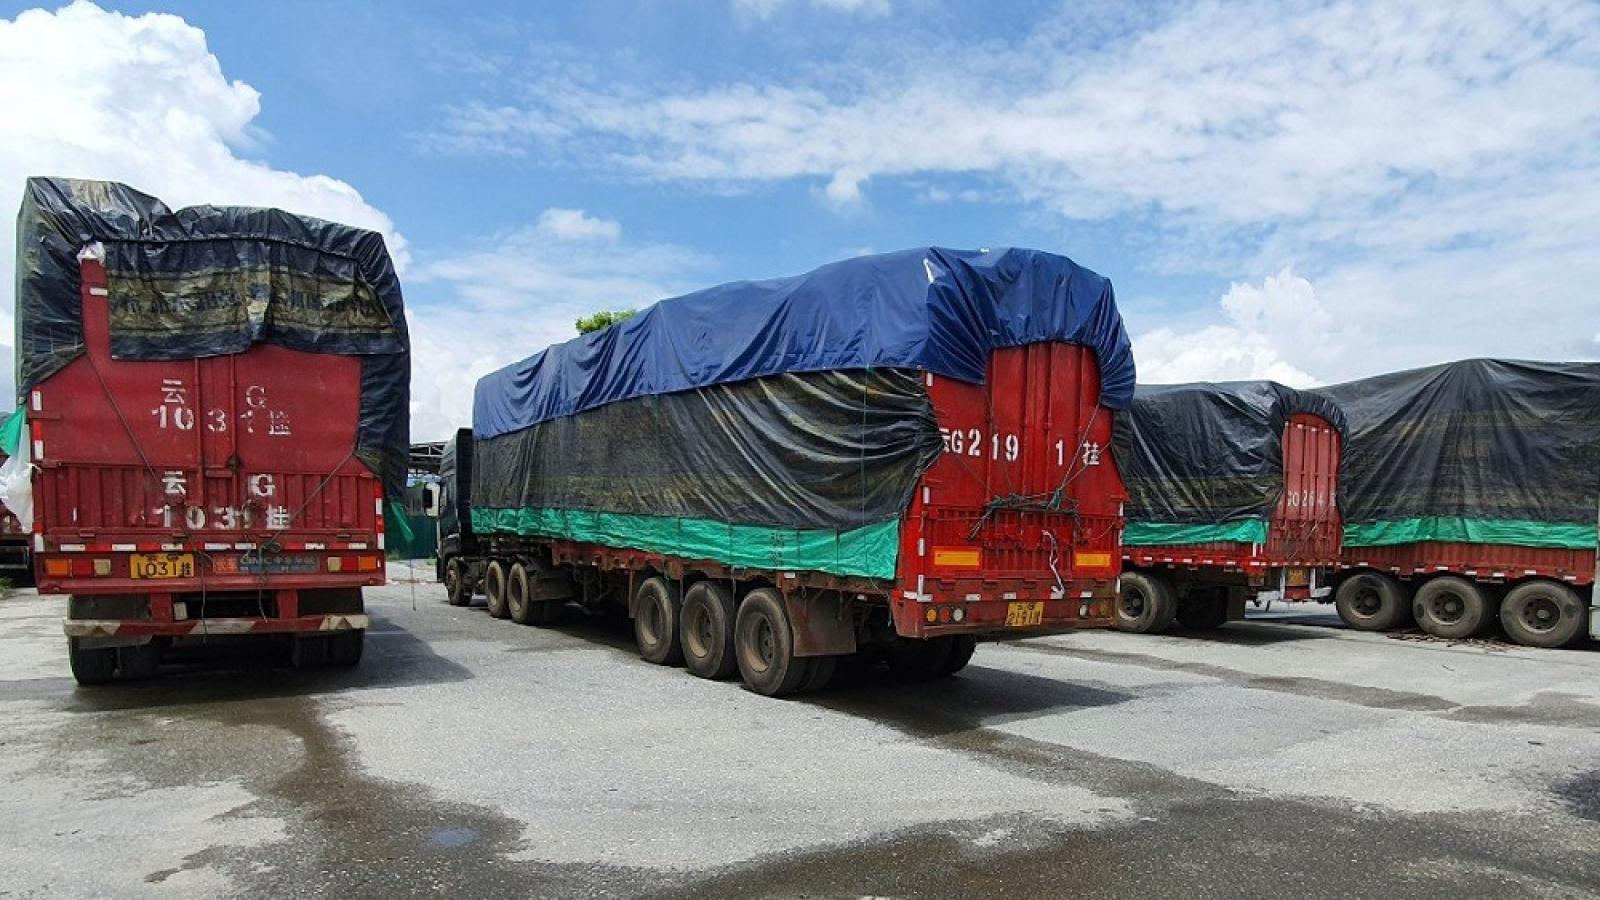 Tạm giữ 100 xe hàng vô chủ ở cửa khẩu Kim Thành (Lào Cai) sau hơn 4 tháng kiểm đếm